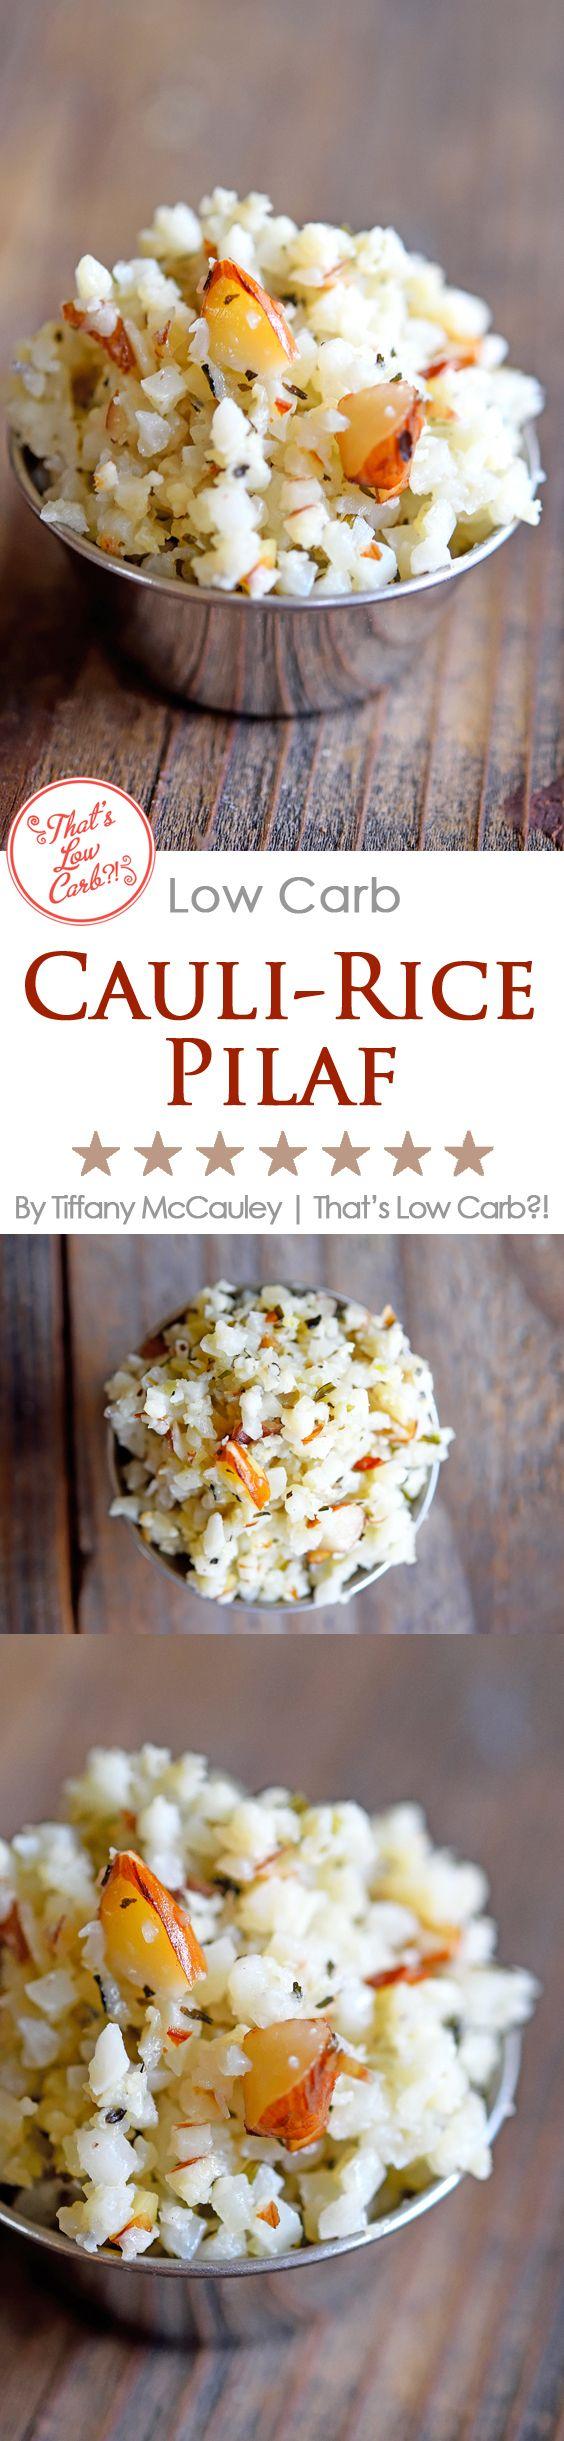 Low Carb Recipes | Cauli-Rice Pilaf Recipe | Low Carb Rice Pilaf Recipe | Low Carb ~ https://www.thatslowcarb.com